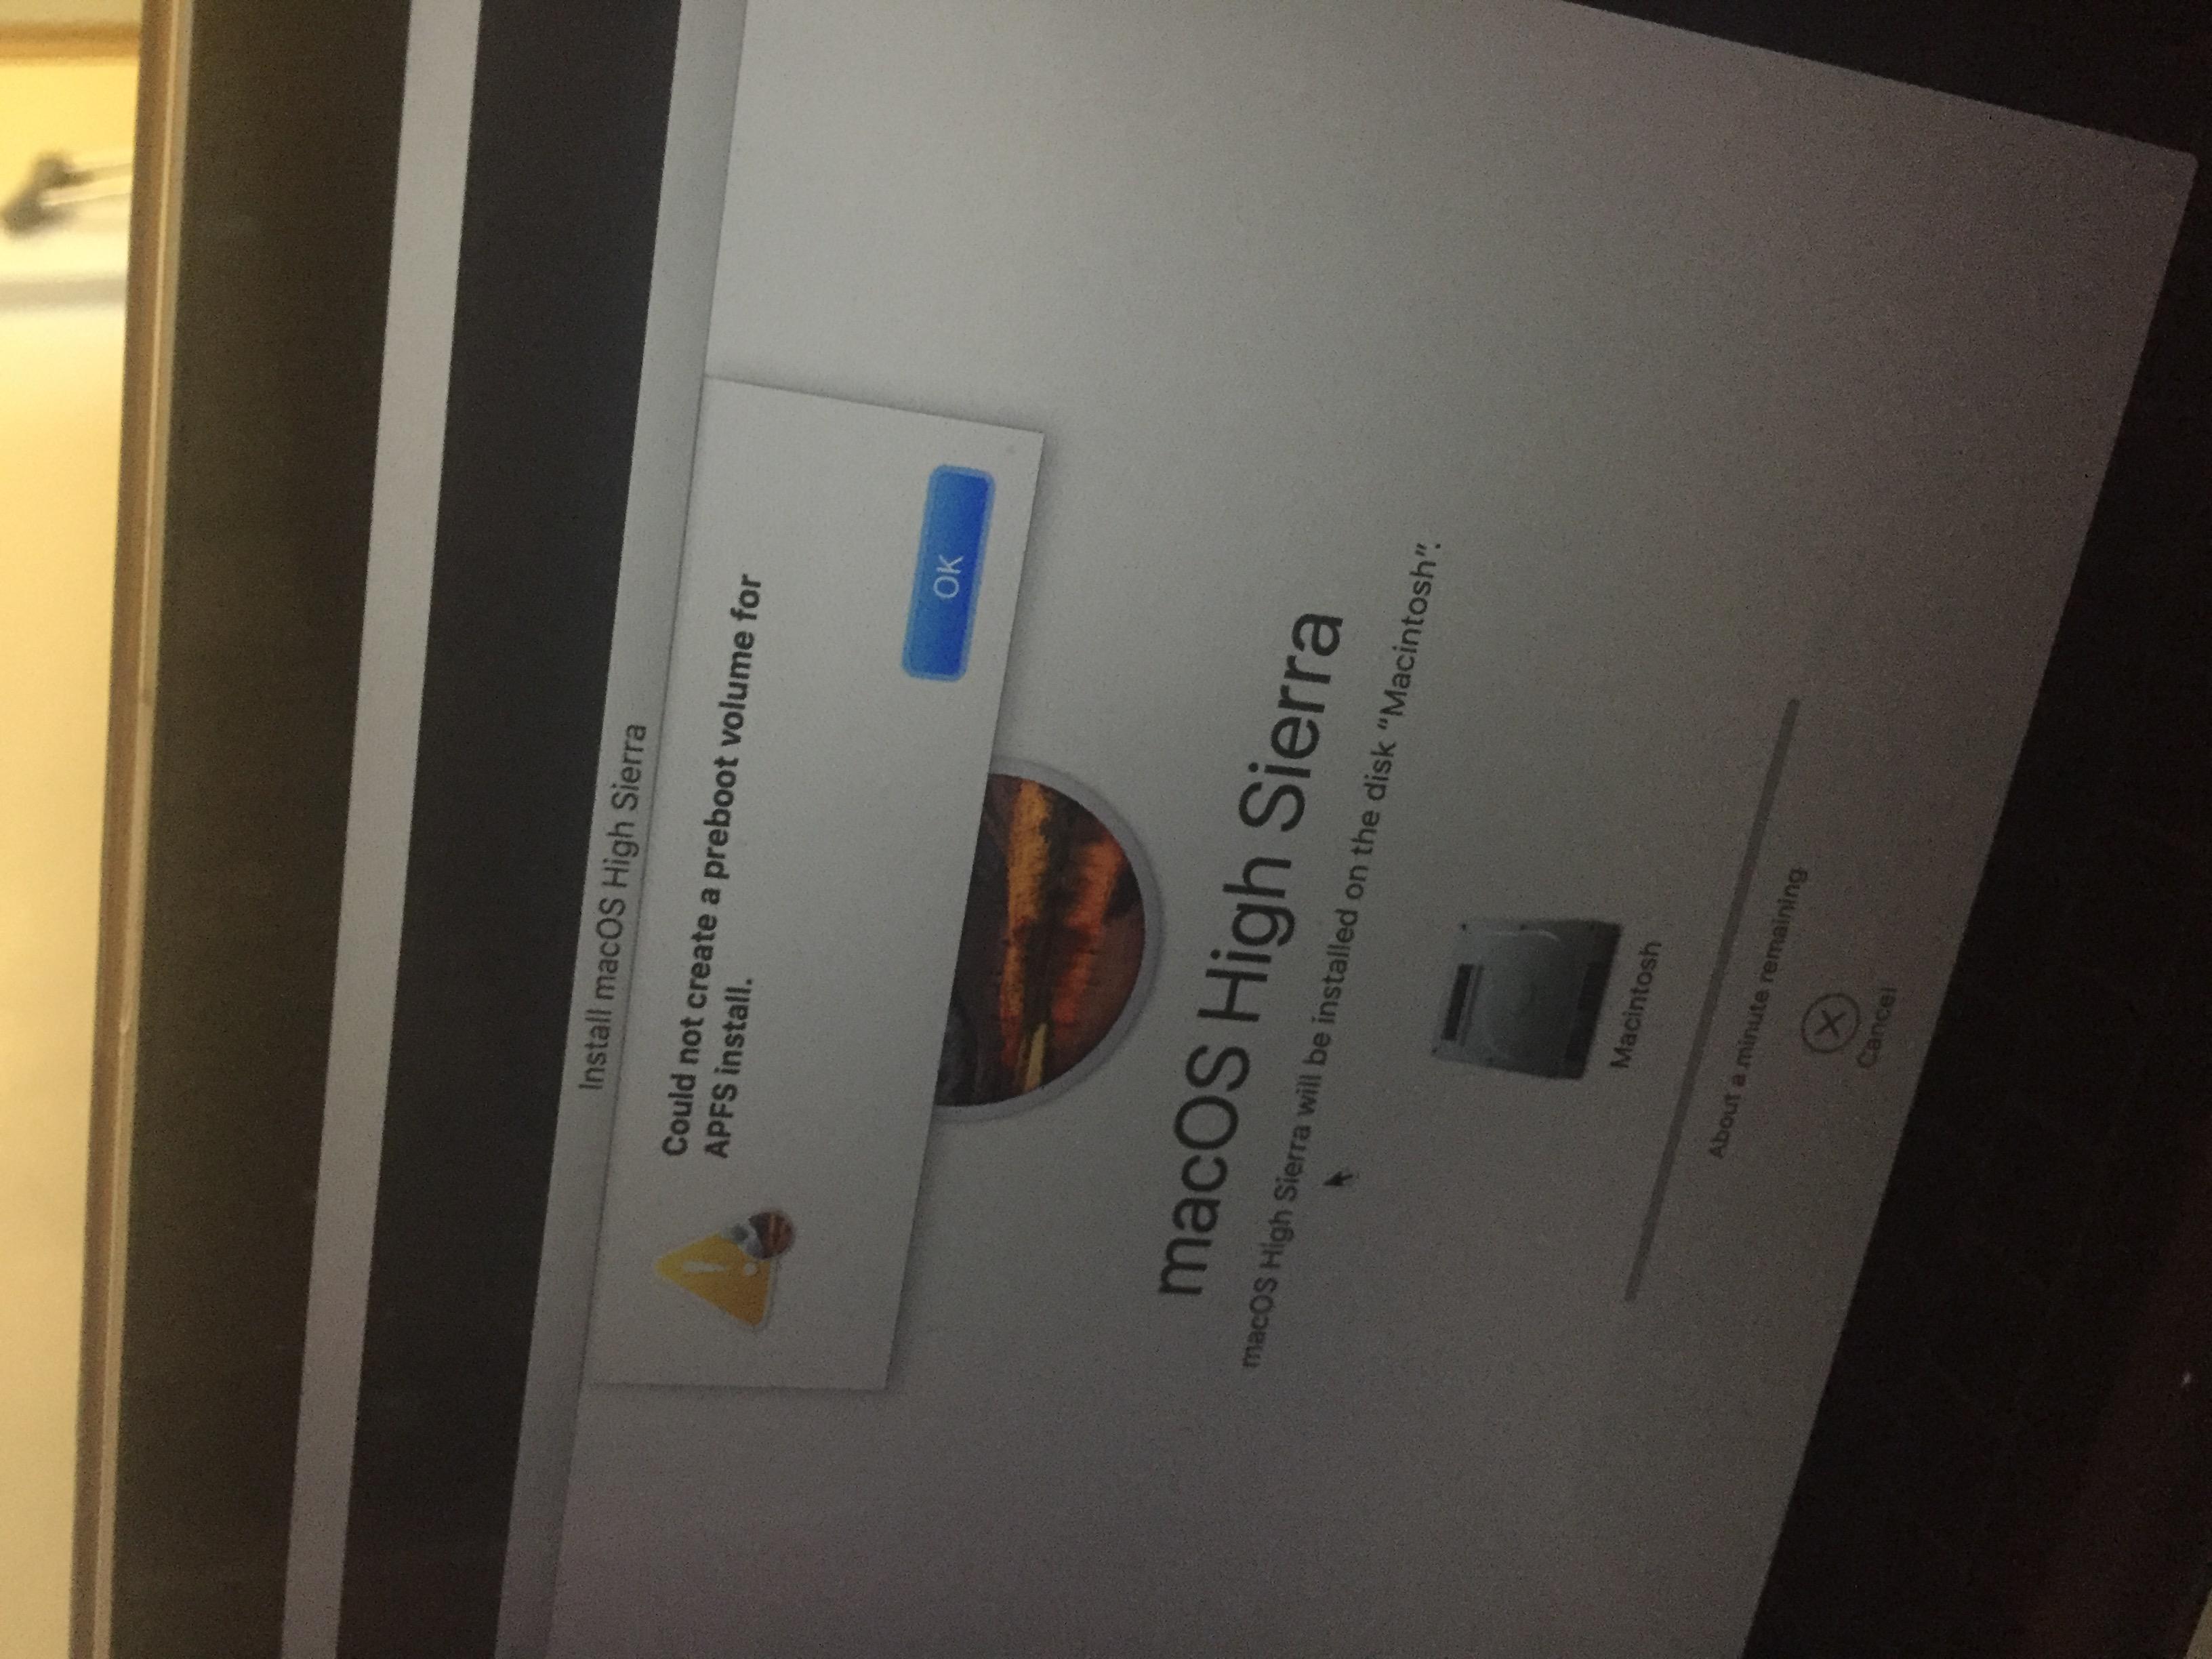 Why can't I reinstall Mac OS high Sierra? - Apple Community